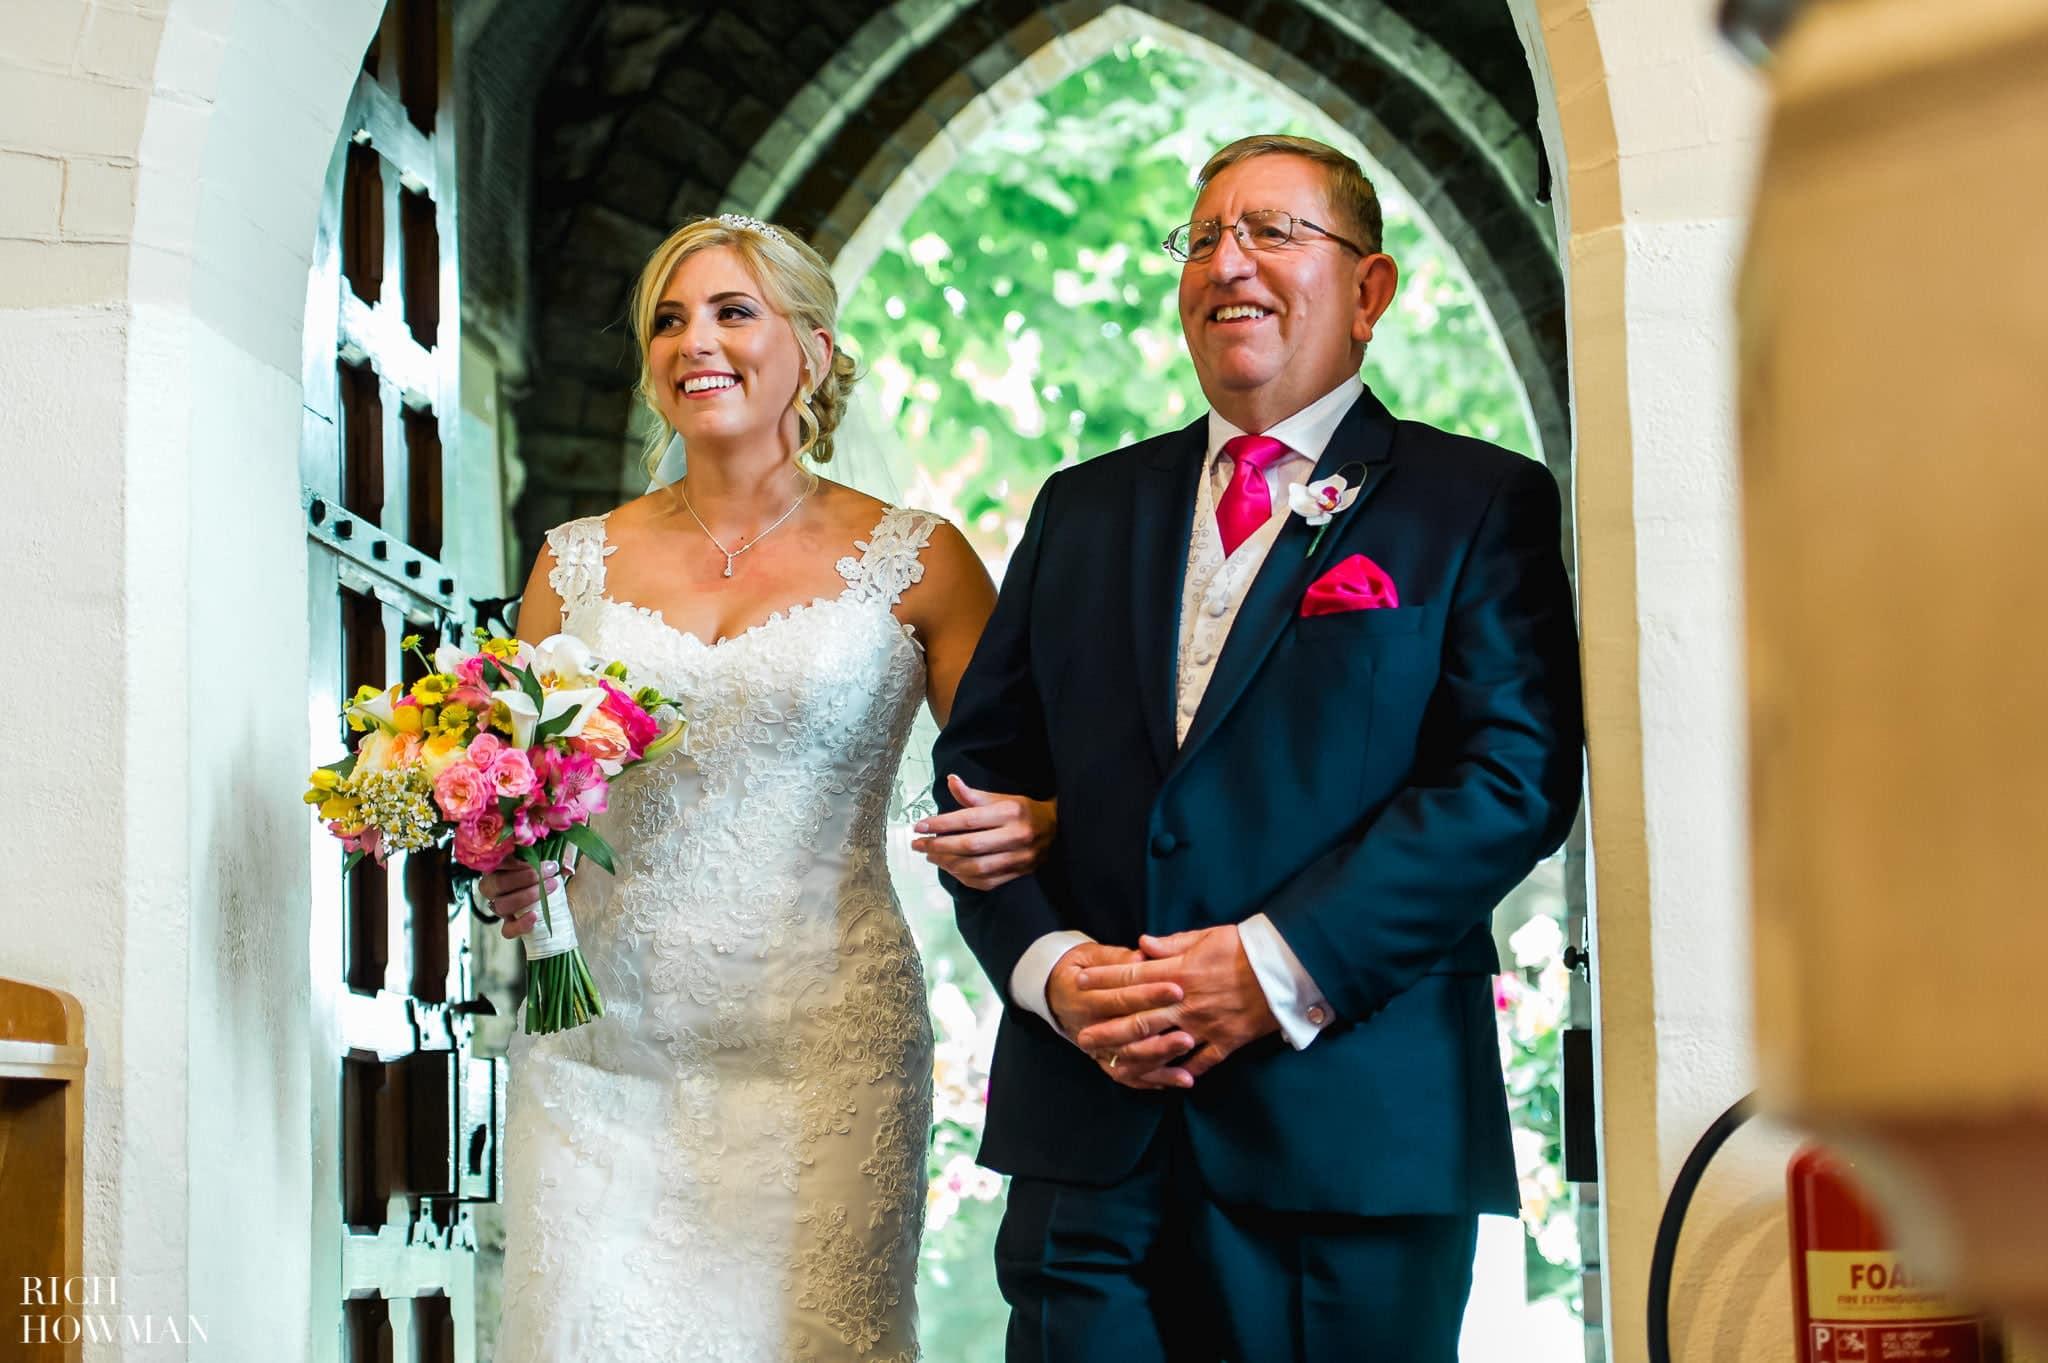 Llanerch Vineyard Wedding Photography by Rich Howman 24